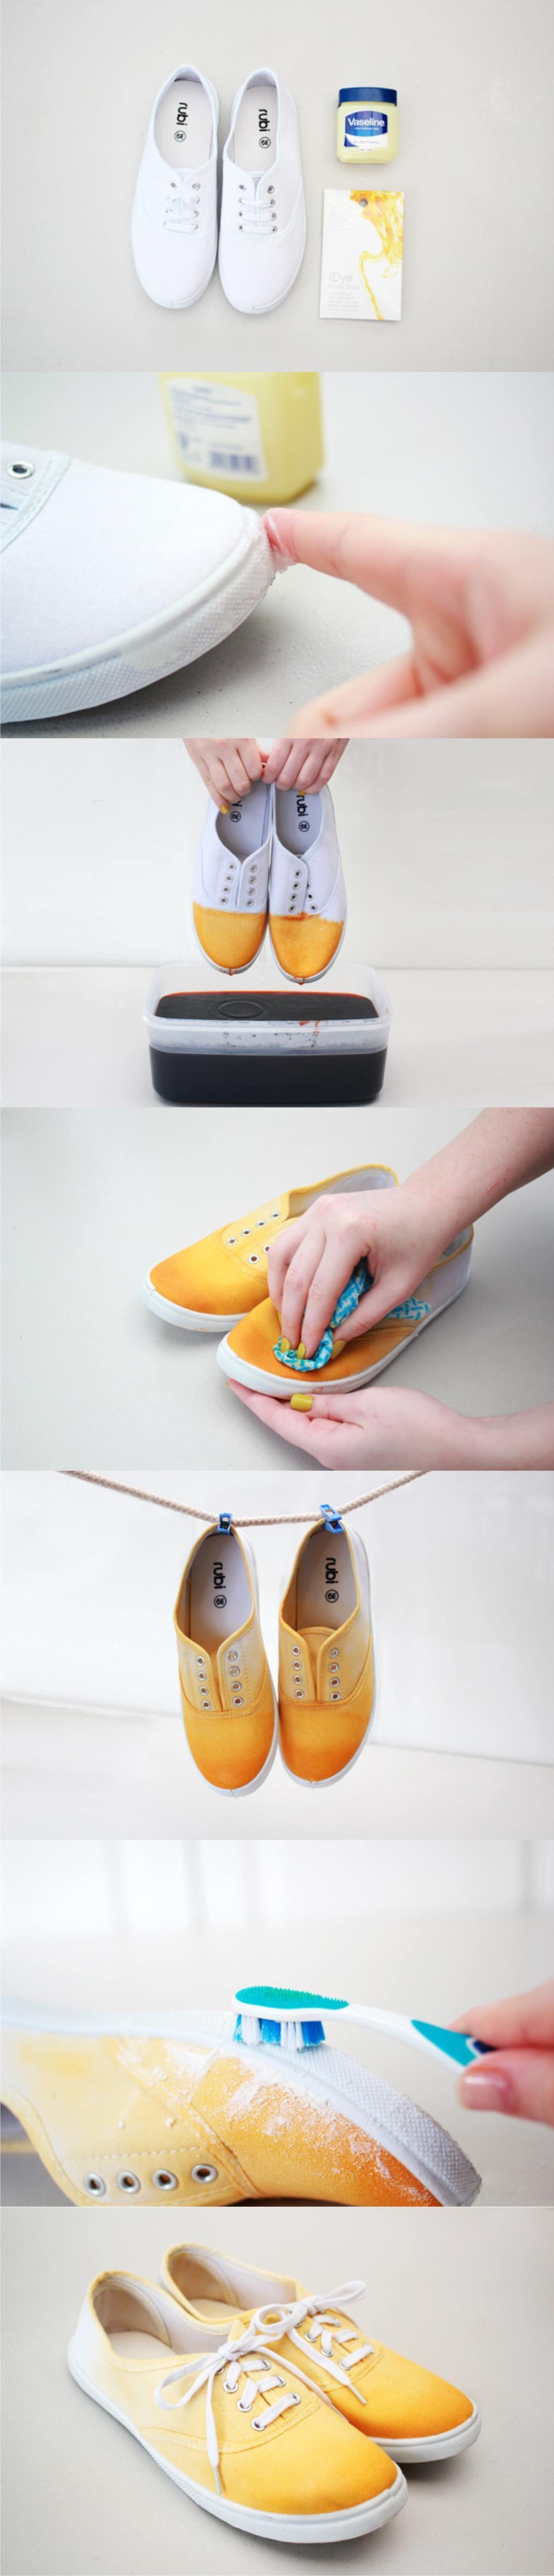 personaliza tus zapatillas con un degradado de color chaussure modifi pinterest. Black Bedroom Furniture Sets. Home Design Ideas